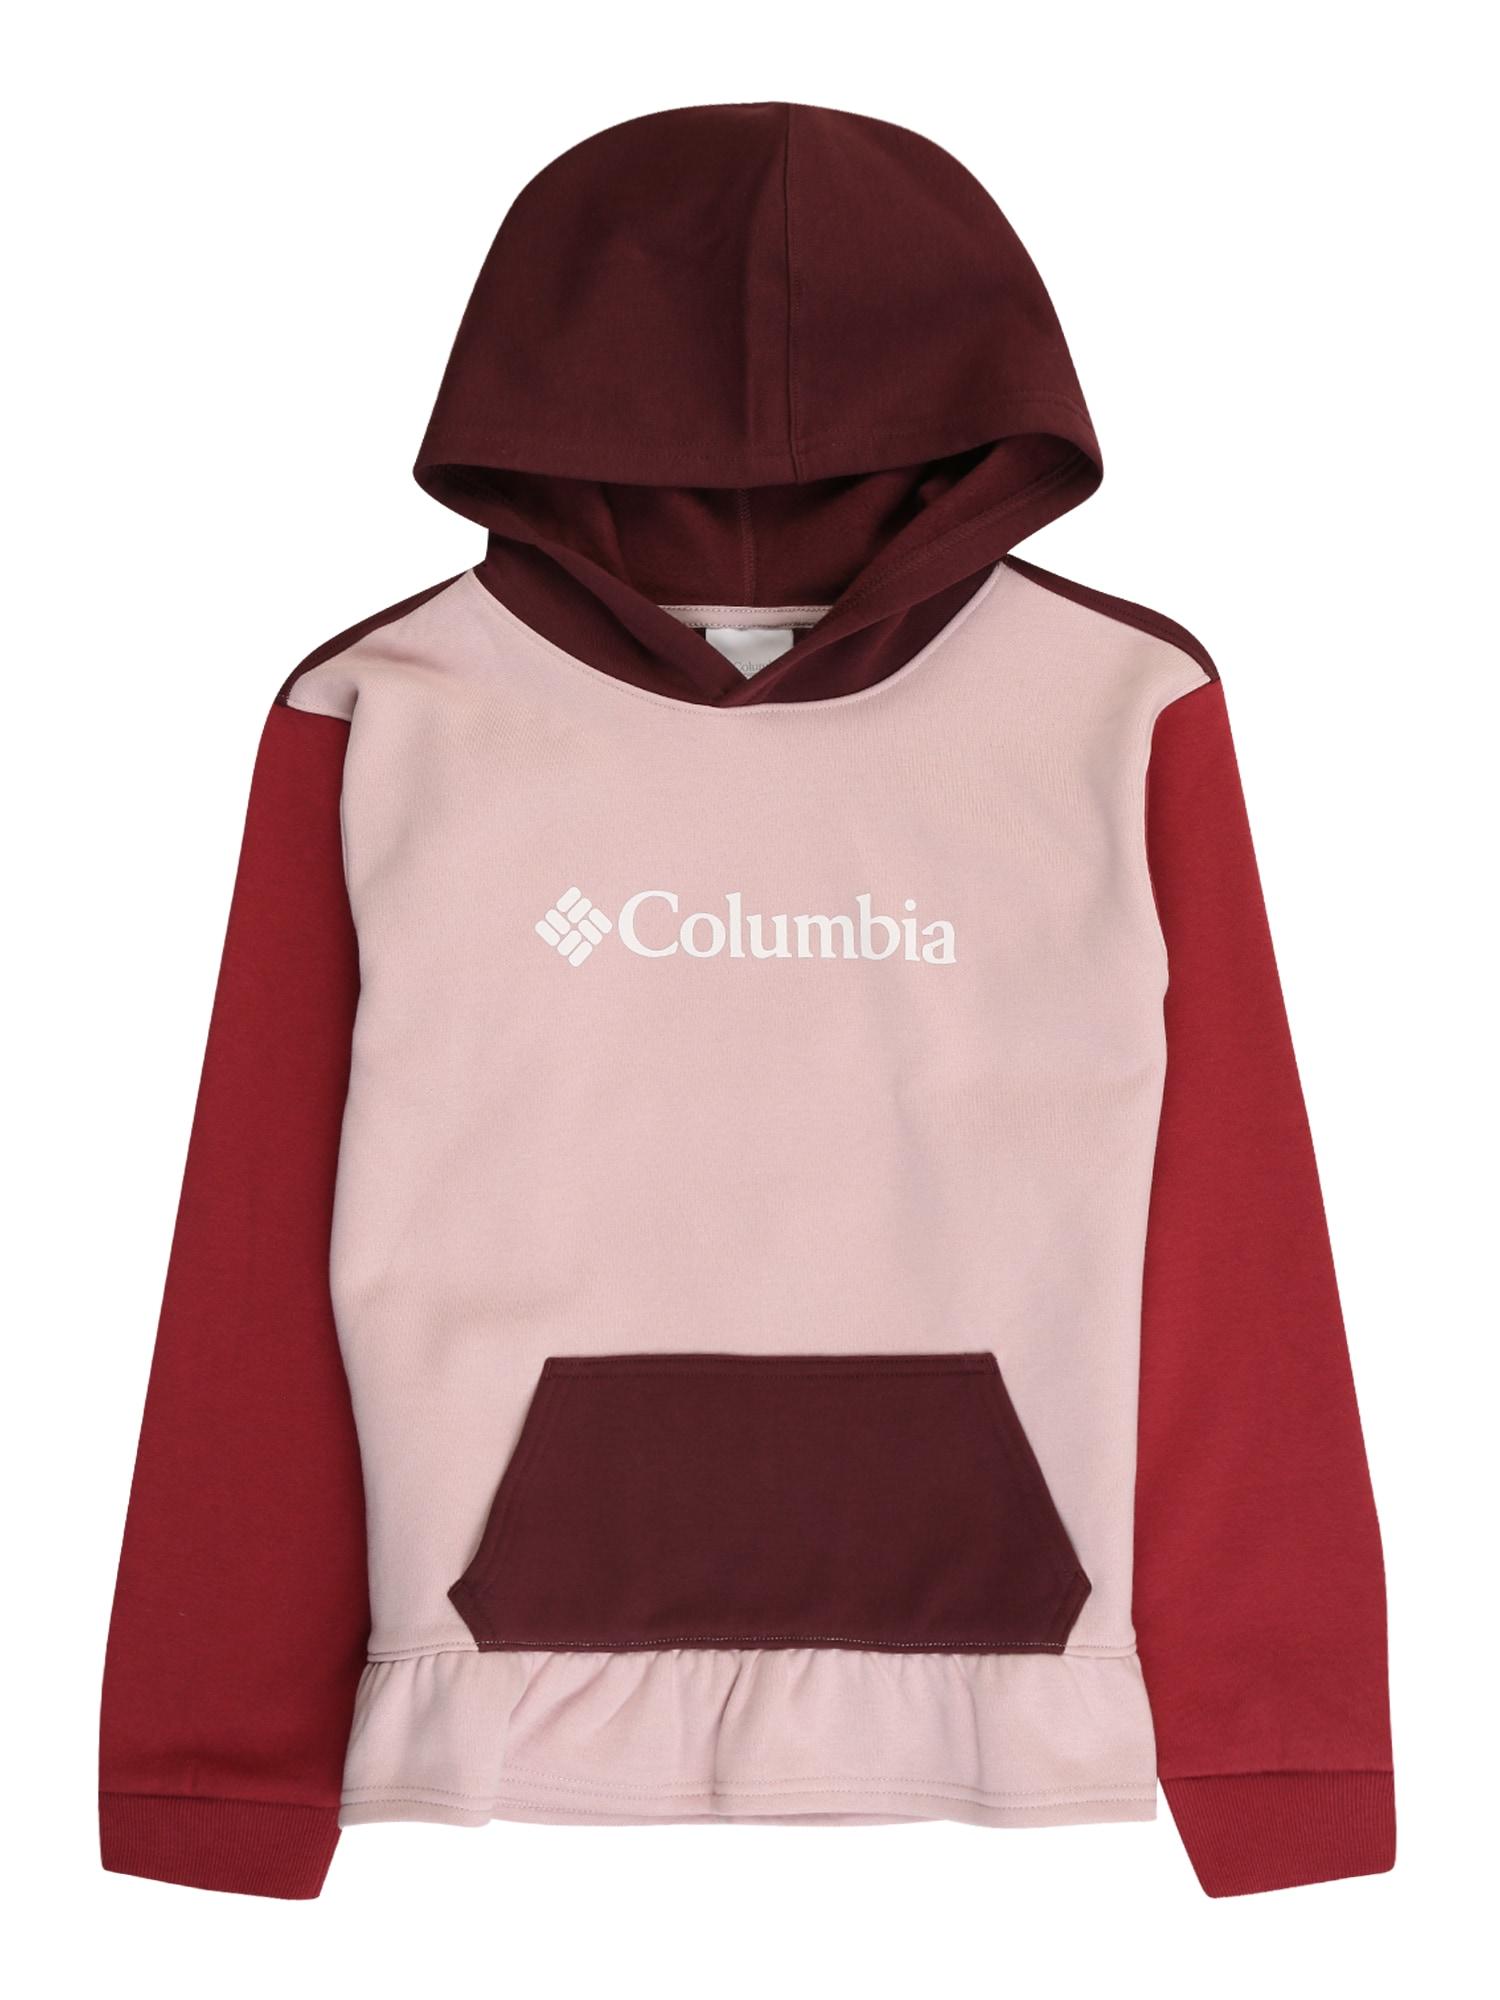 COLUMBIA Sportinio tipo megztinis raudona / pastelinė rožinė / kraujo spalva